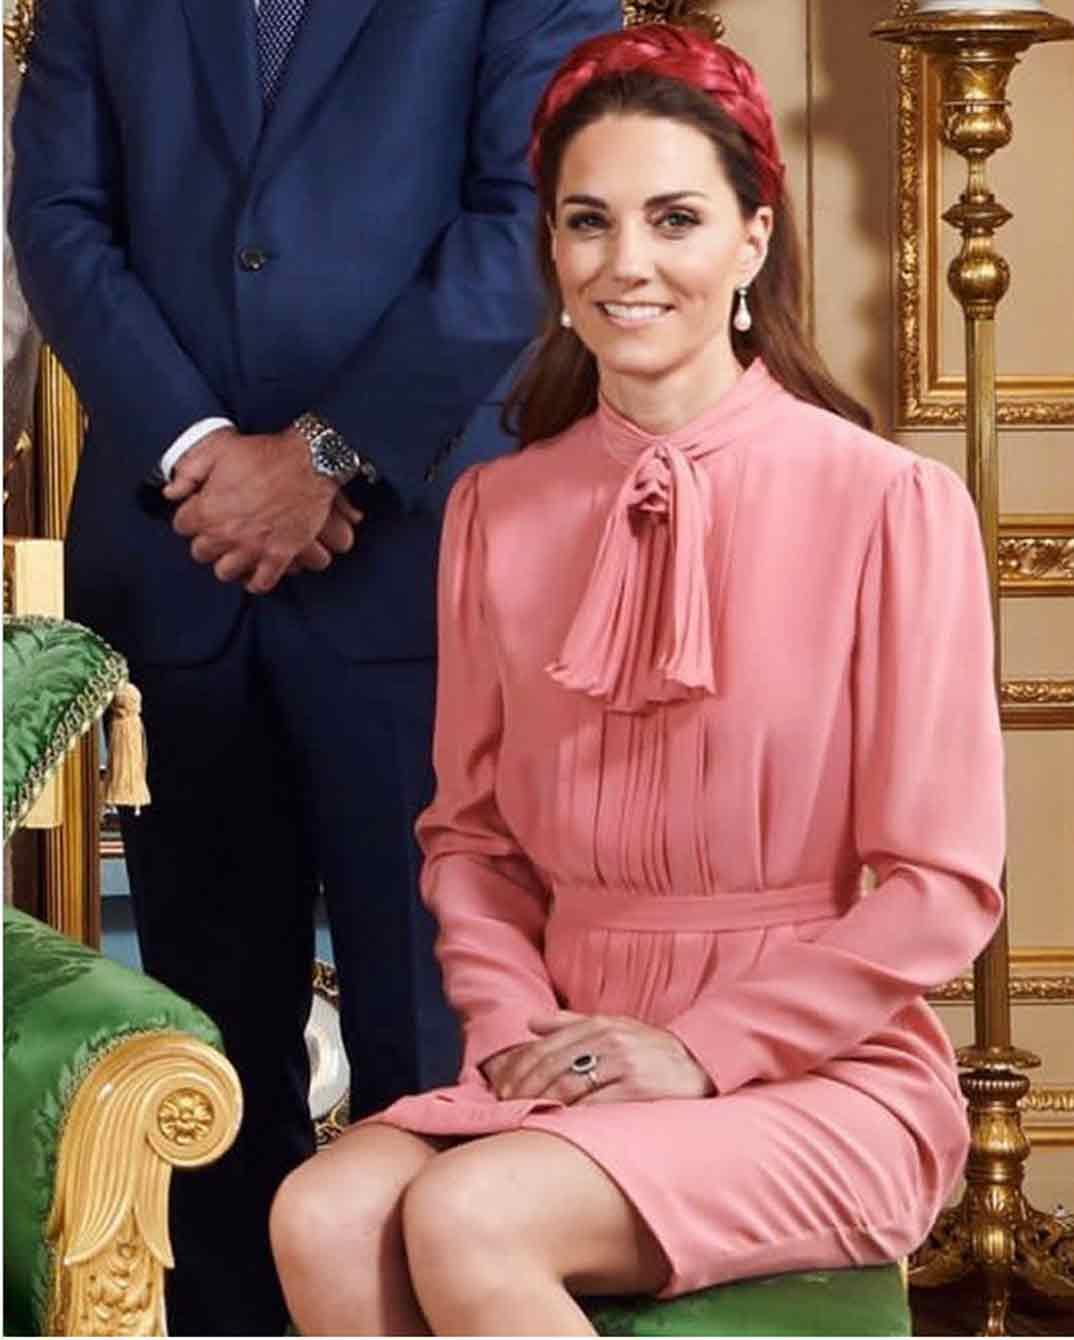 Kate Middleton - Bautizo de Archie, hijo de los duques de Sussex © sussexroyal/Instagram